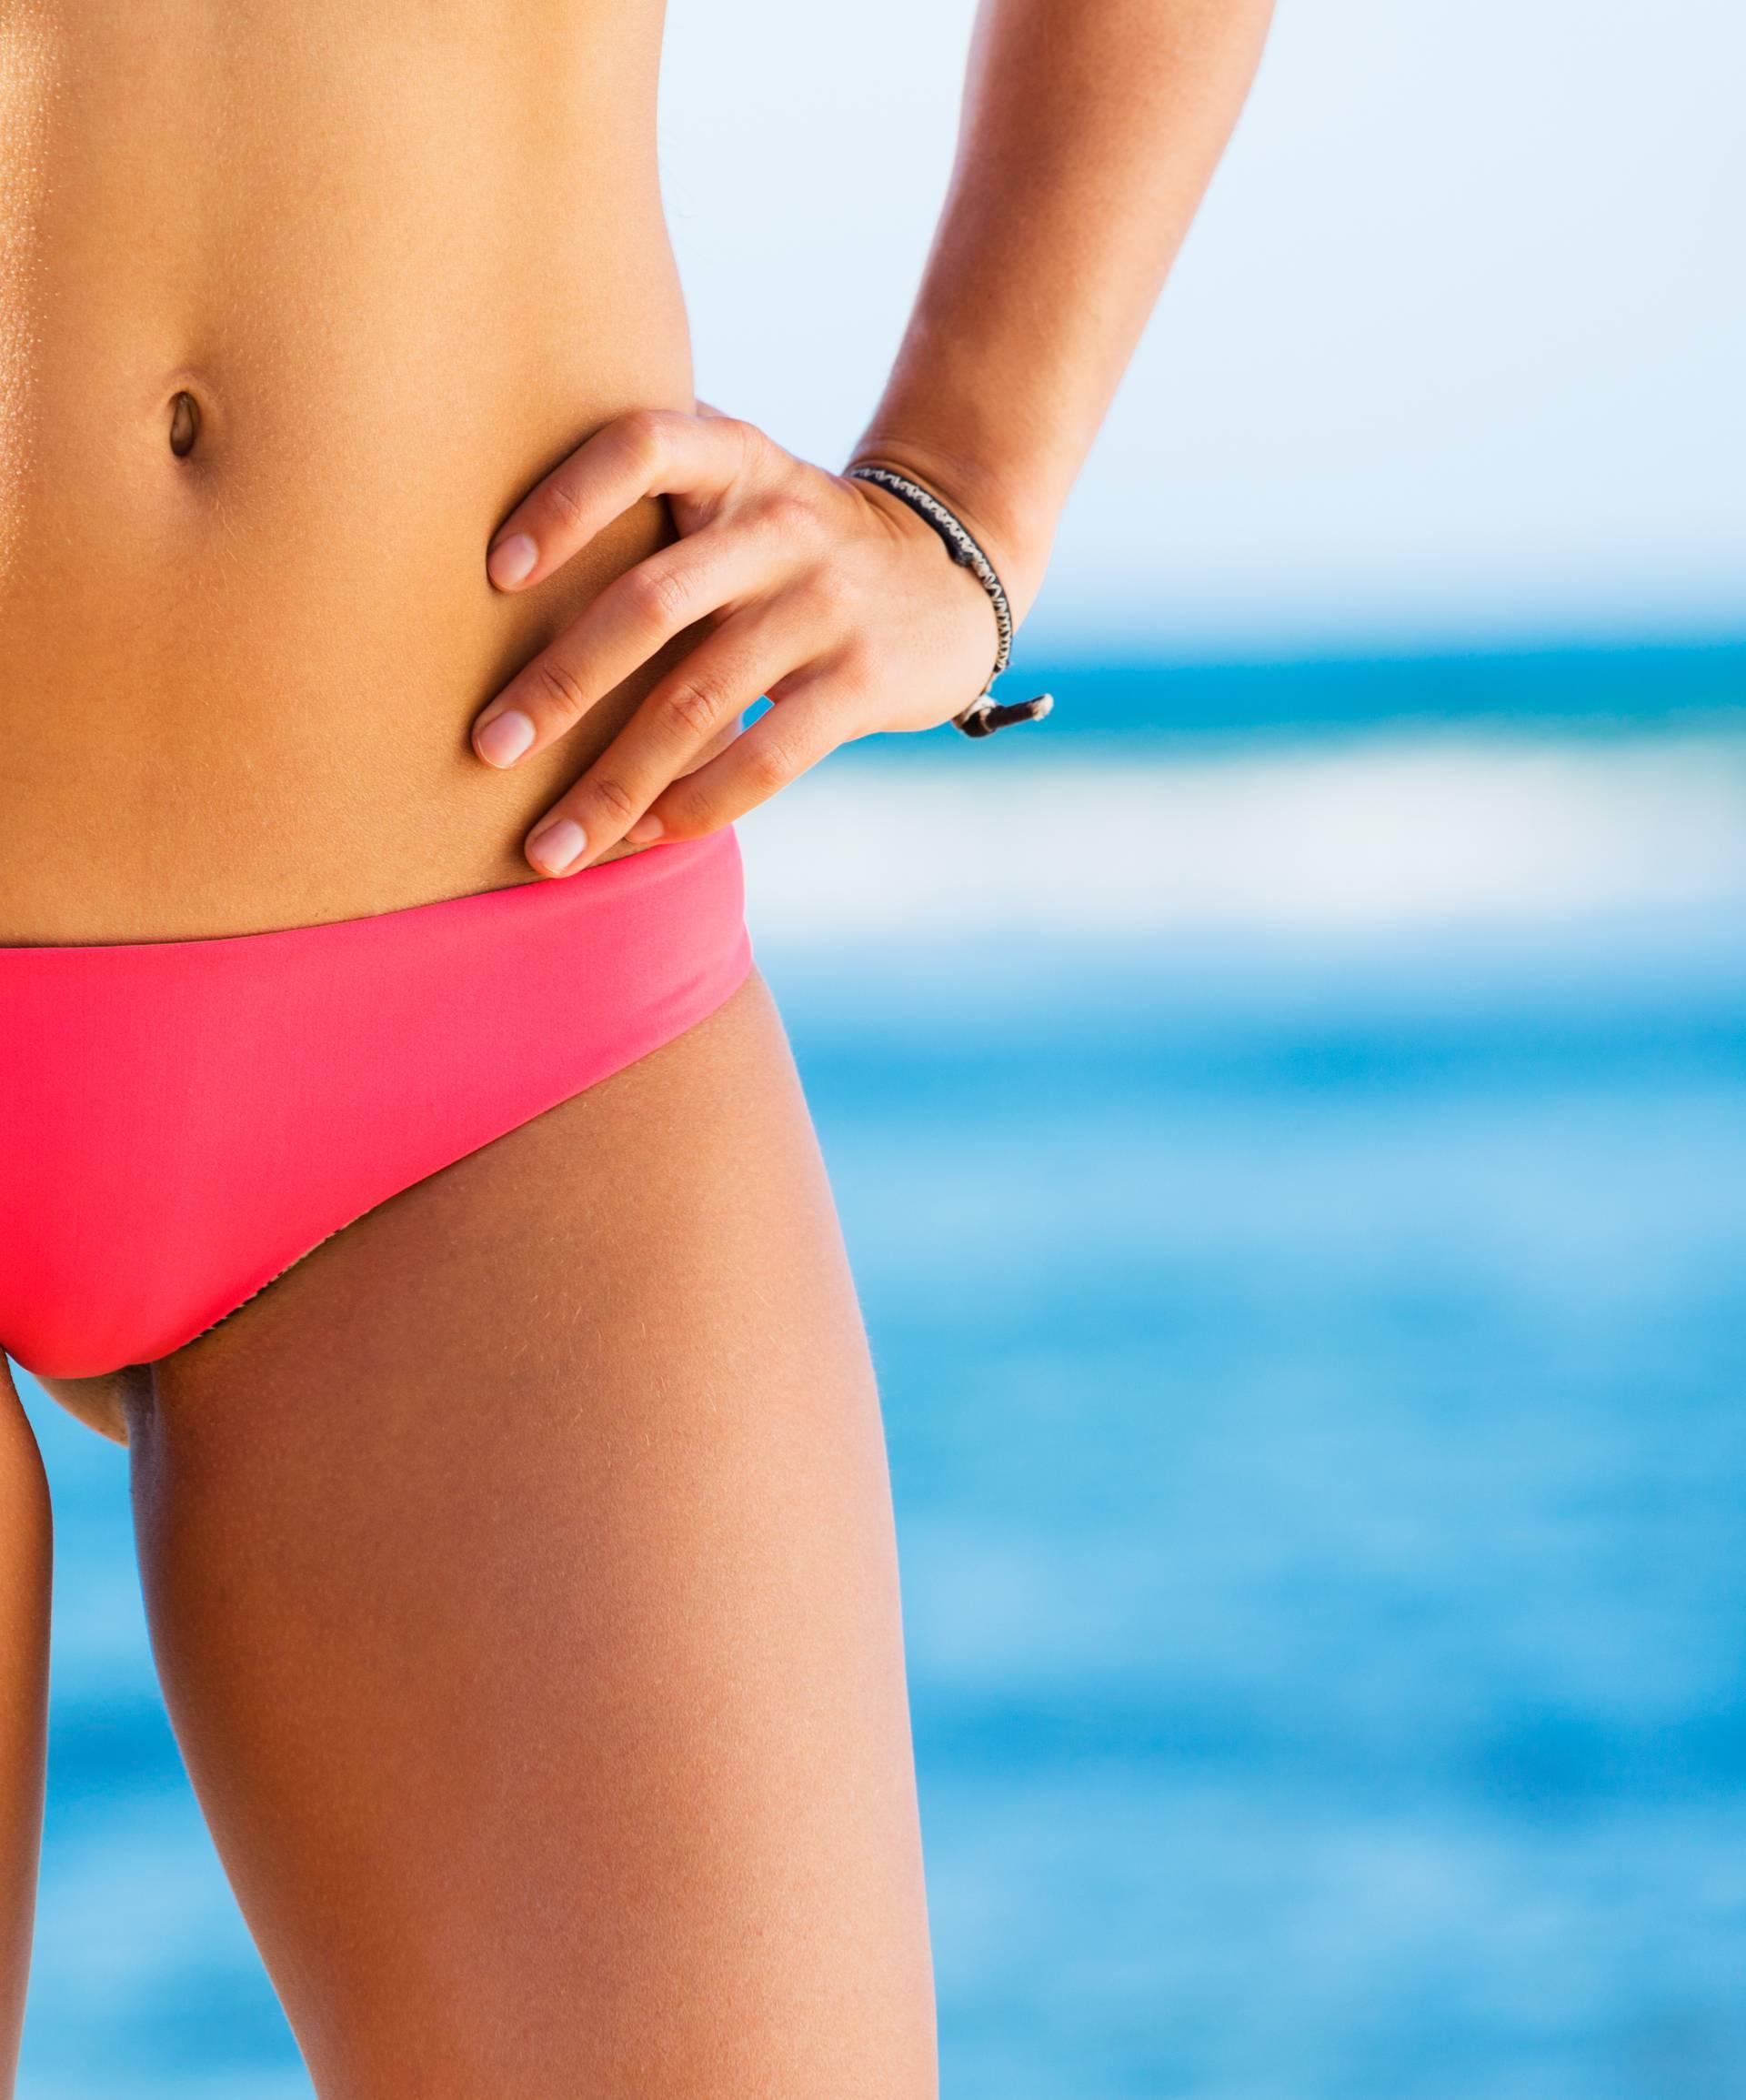 5 vrlo lakih načina da se riješite dosadnog 'šlaufa' oko trbuha